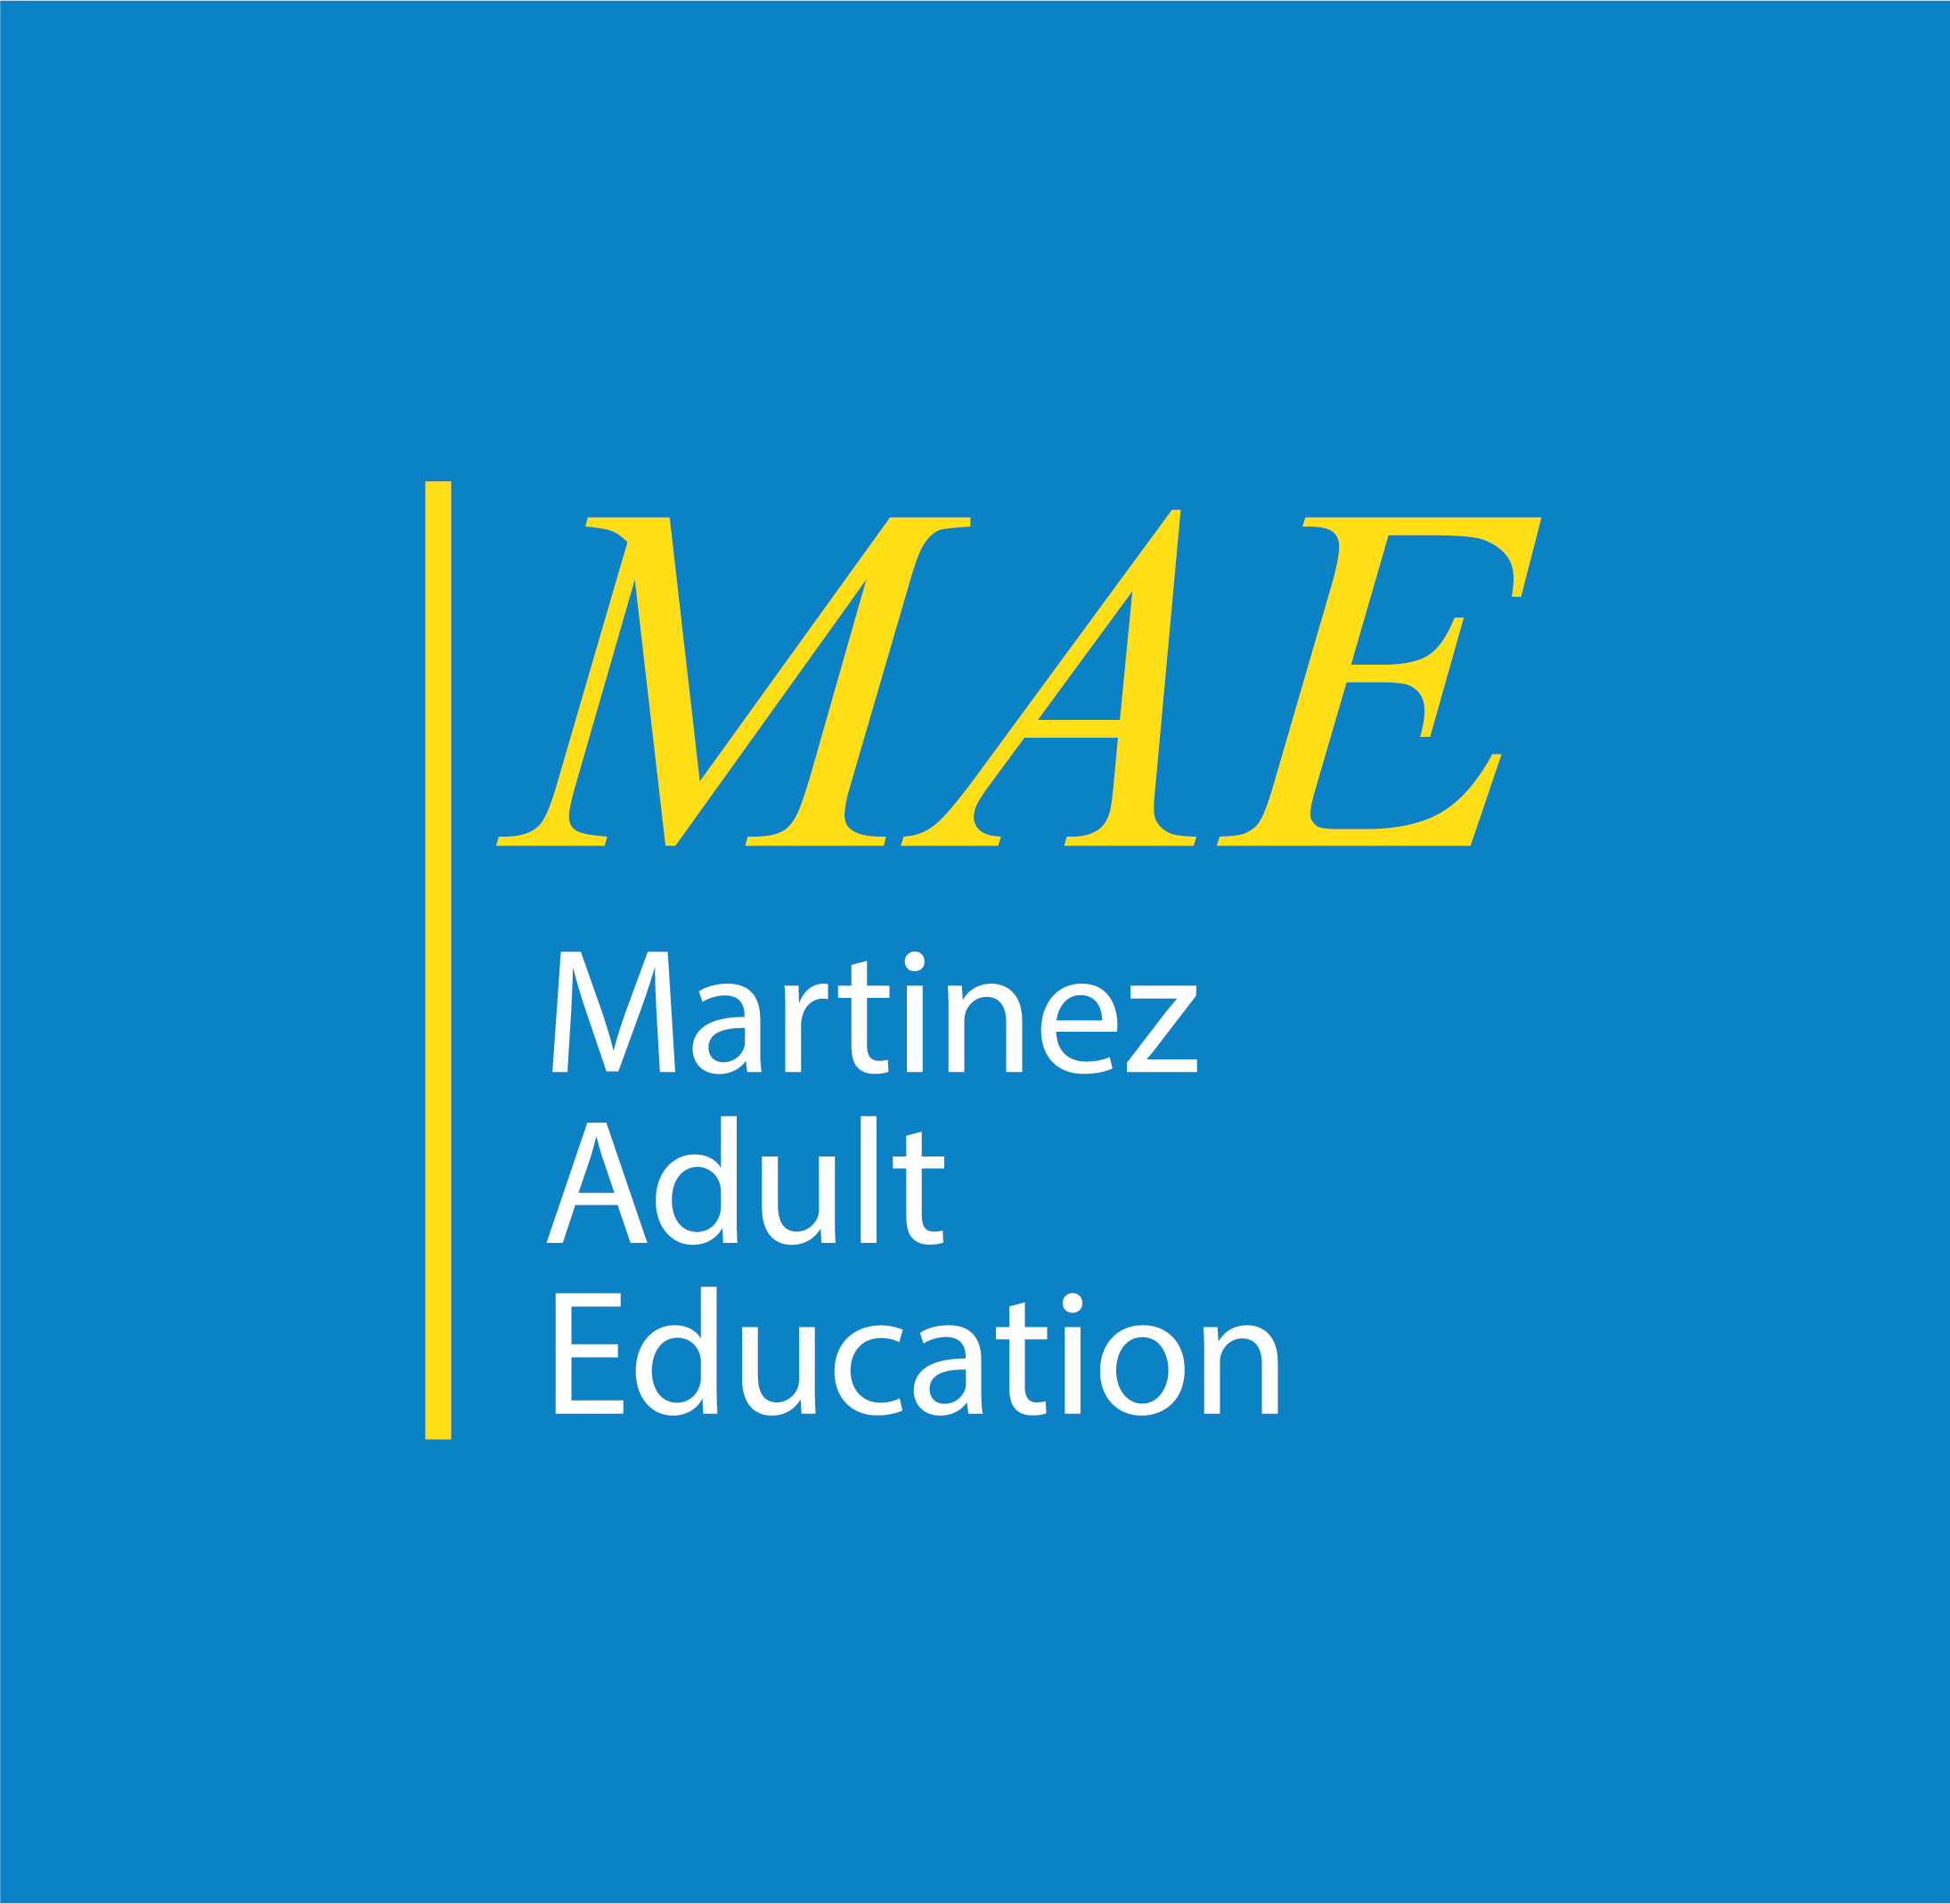 Martinez Adult Education